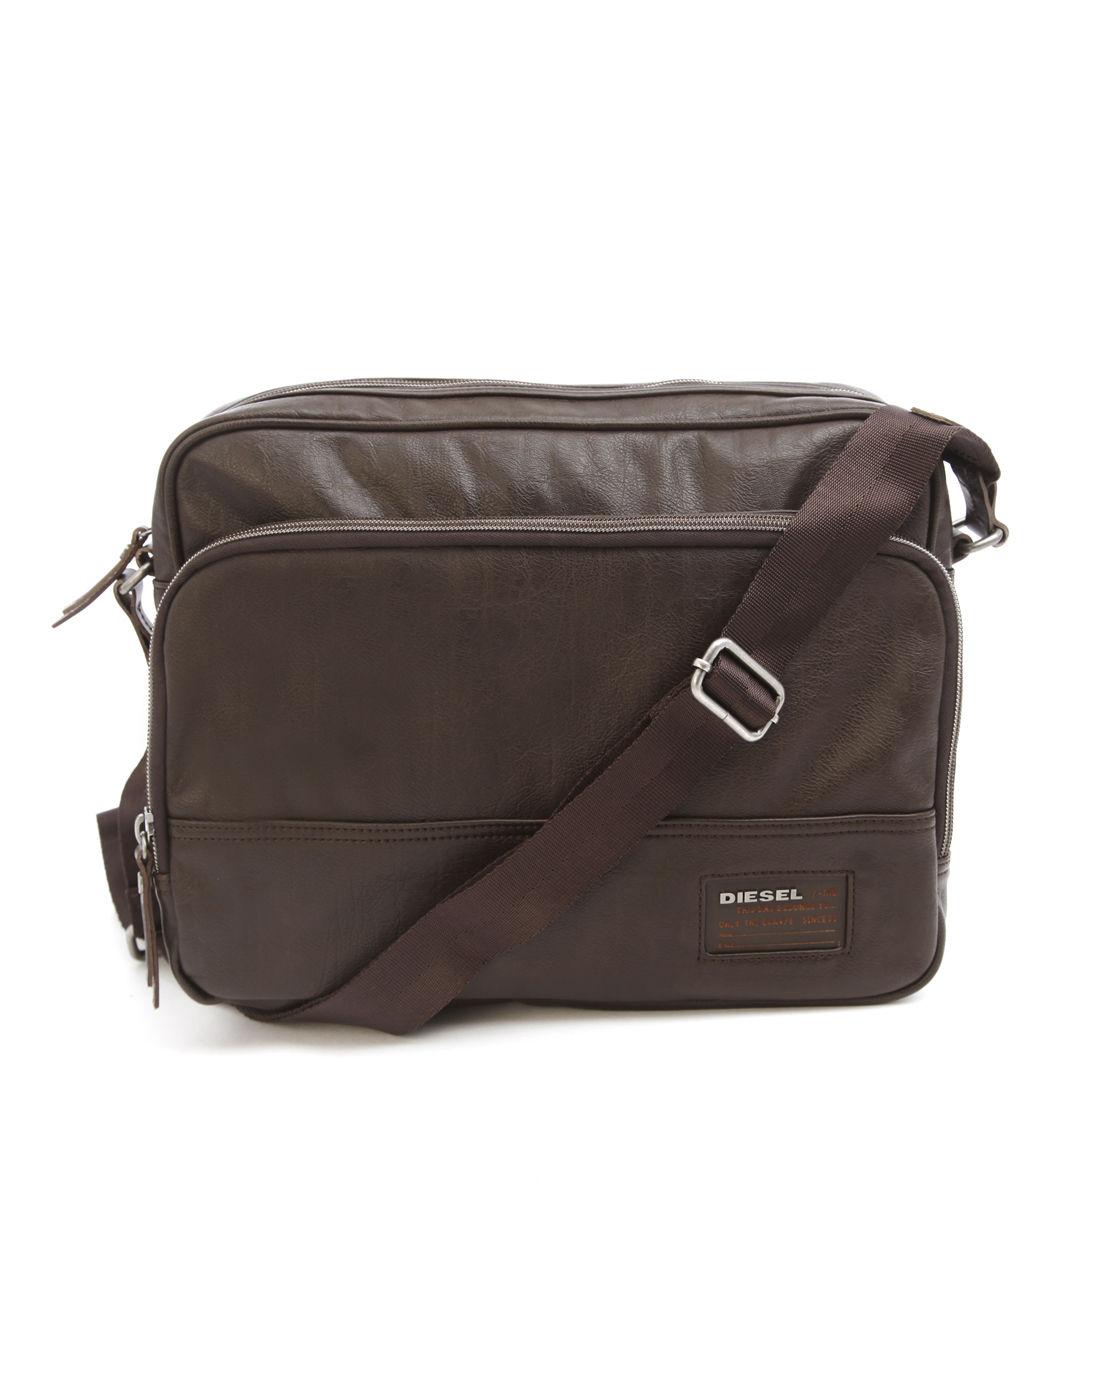 Diesel Blast Core Brown Messenger Bag In Brown For Men Lyst